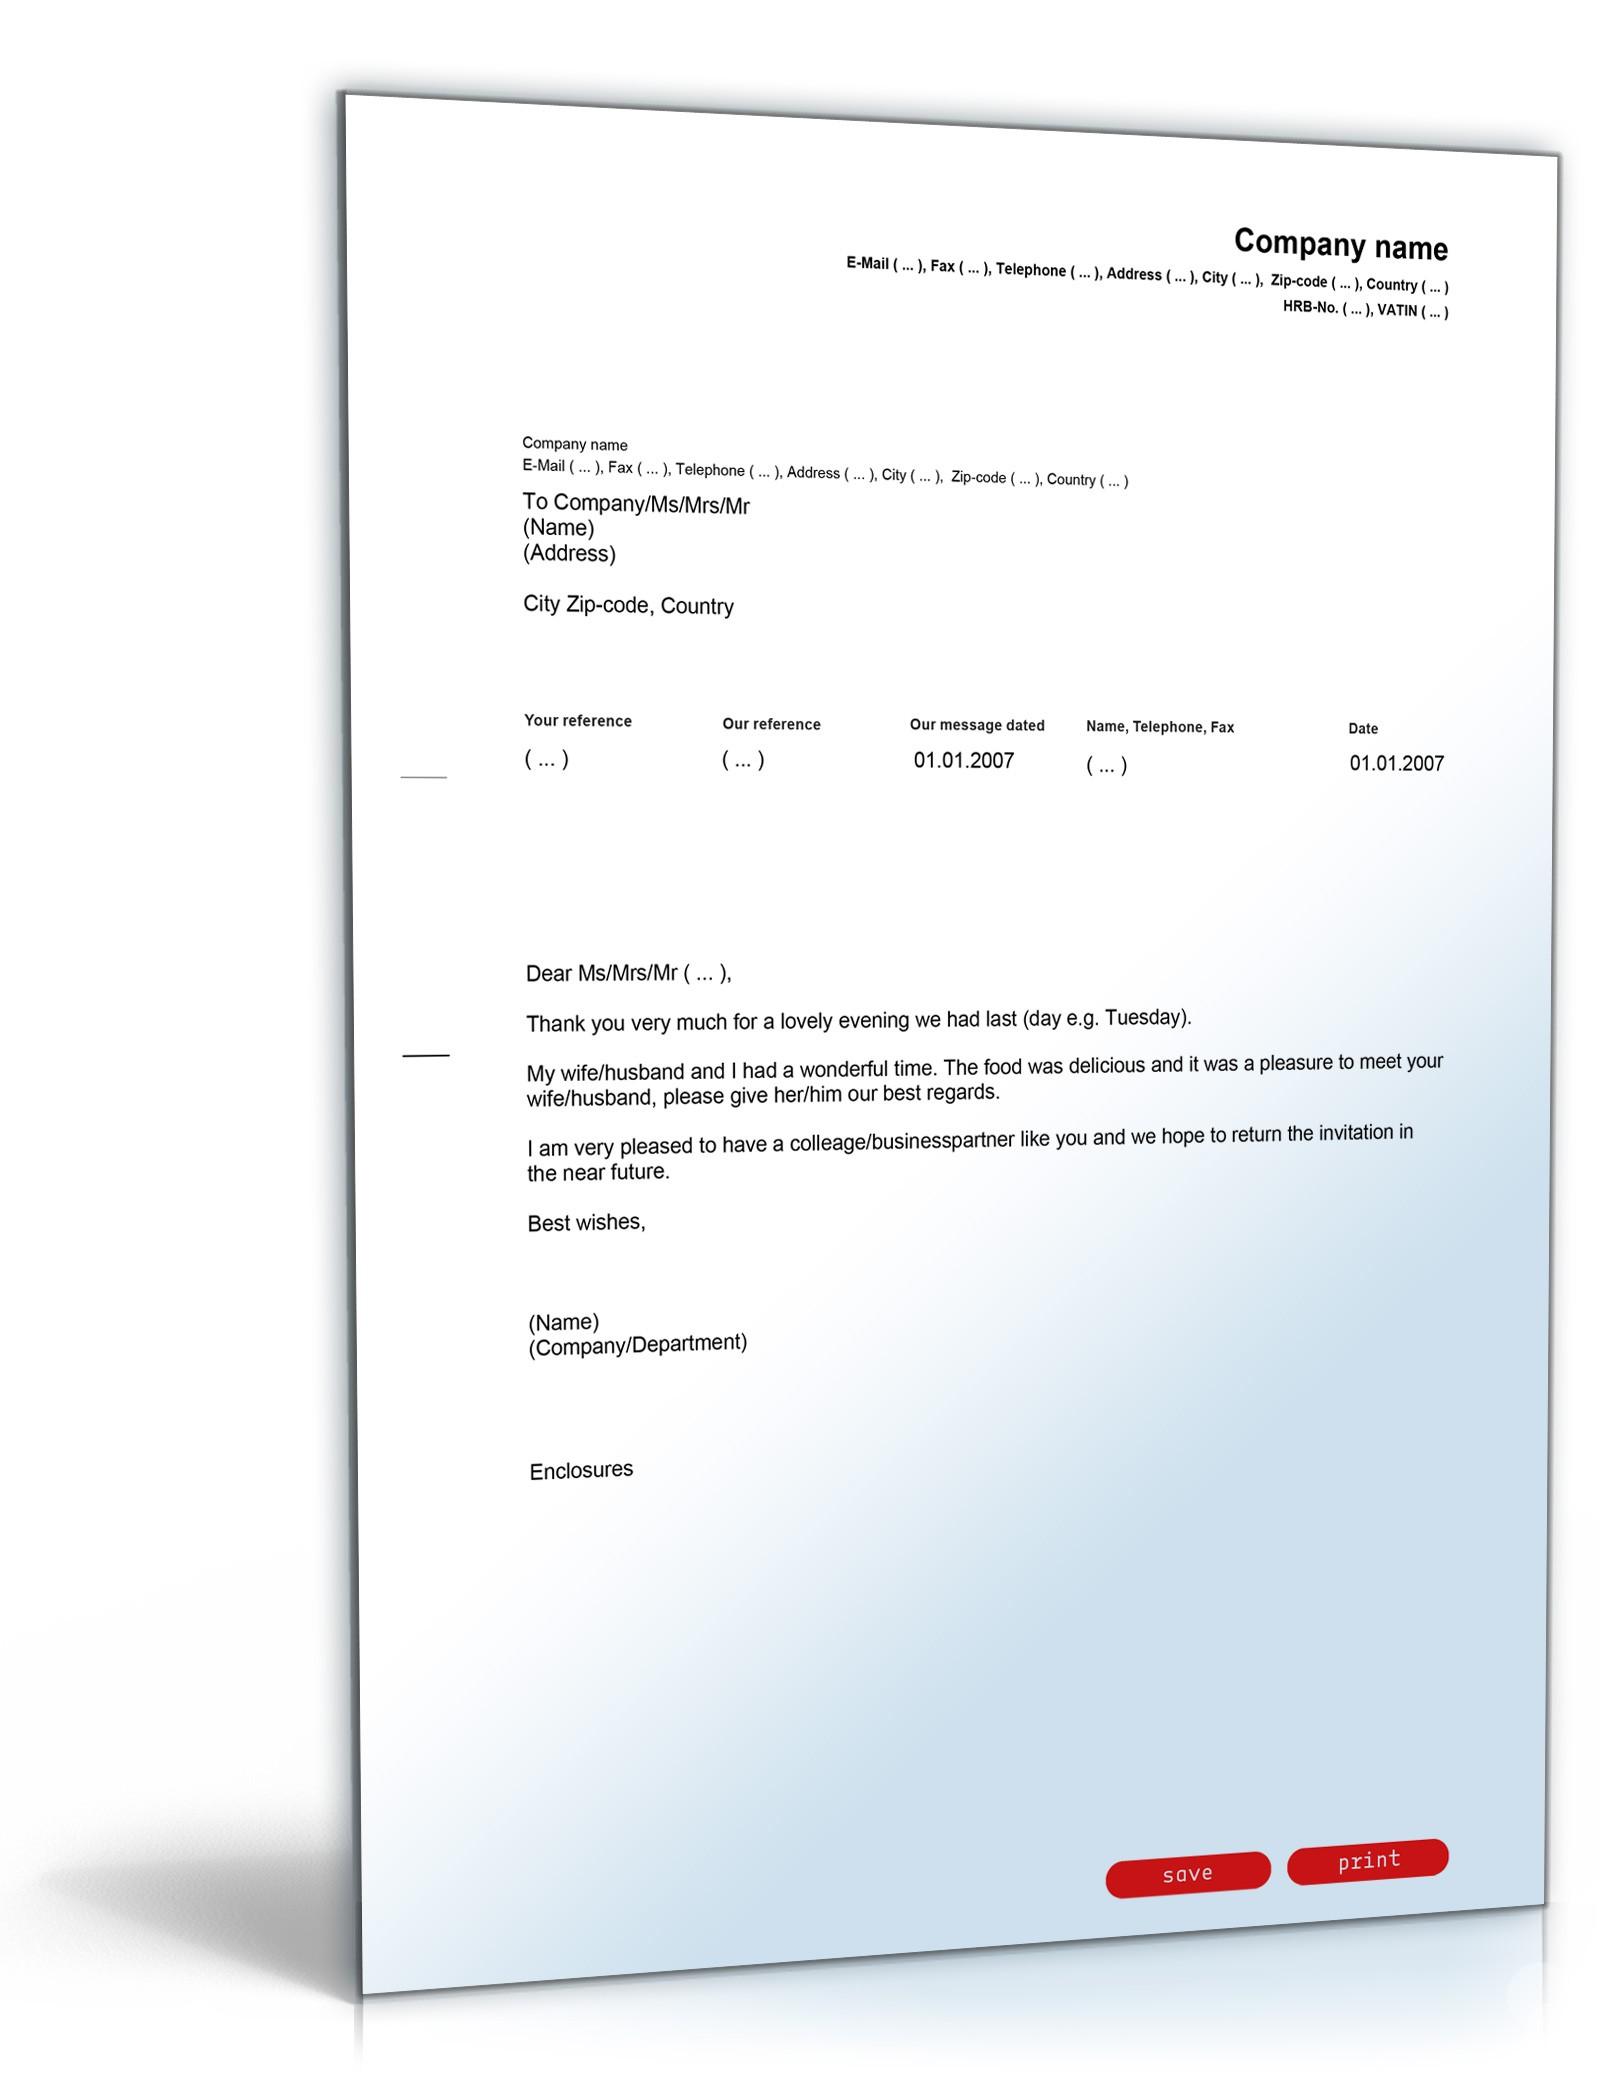 Musterbriefe Danksagung : Danksagung einladung vorlage zum download